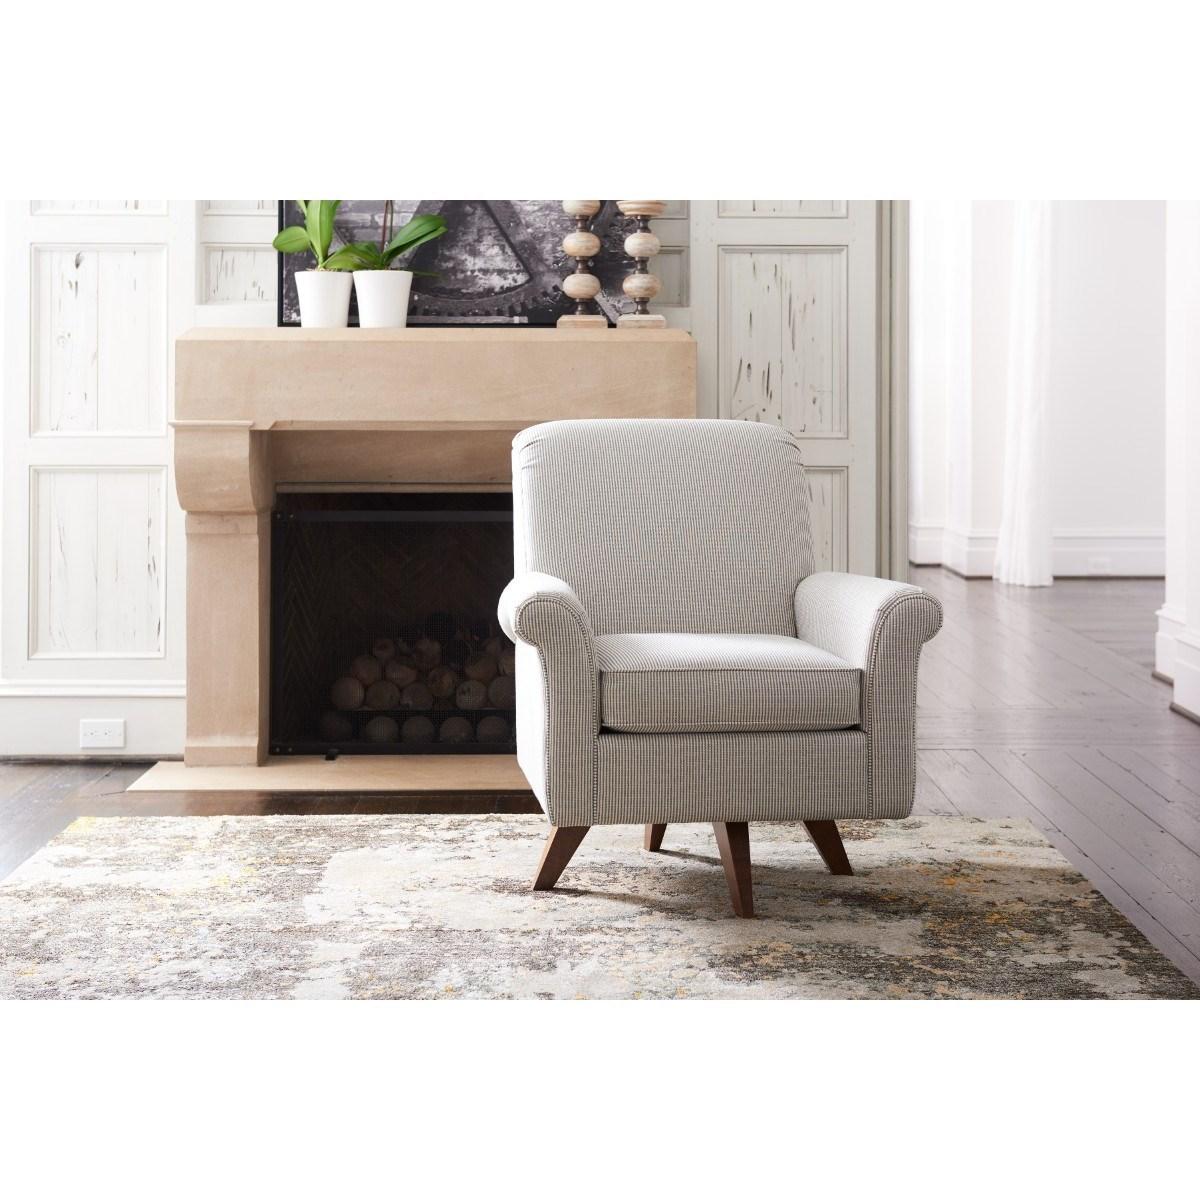 ... La Z Boy ChairsRonnie Swivel Occasional Chair